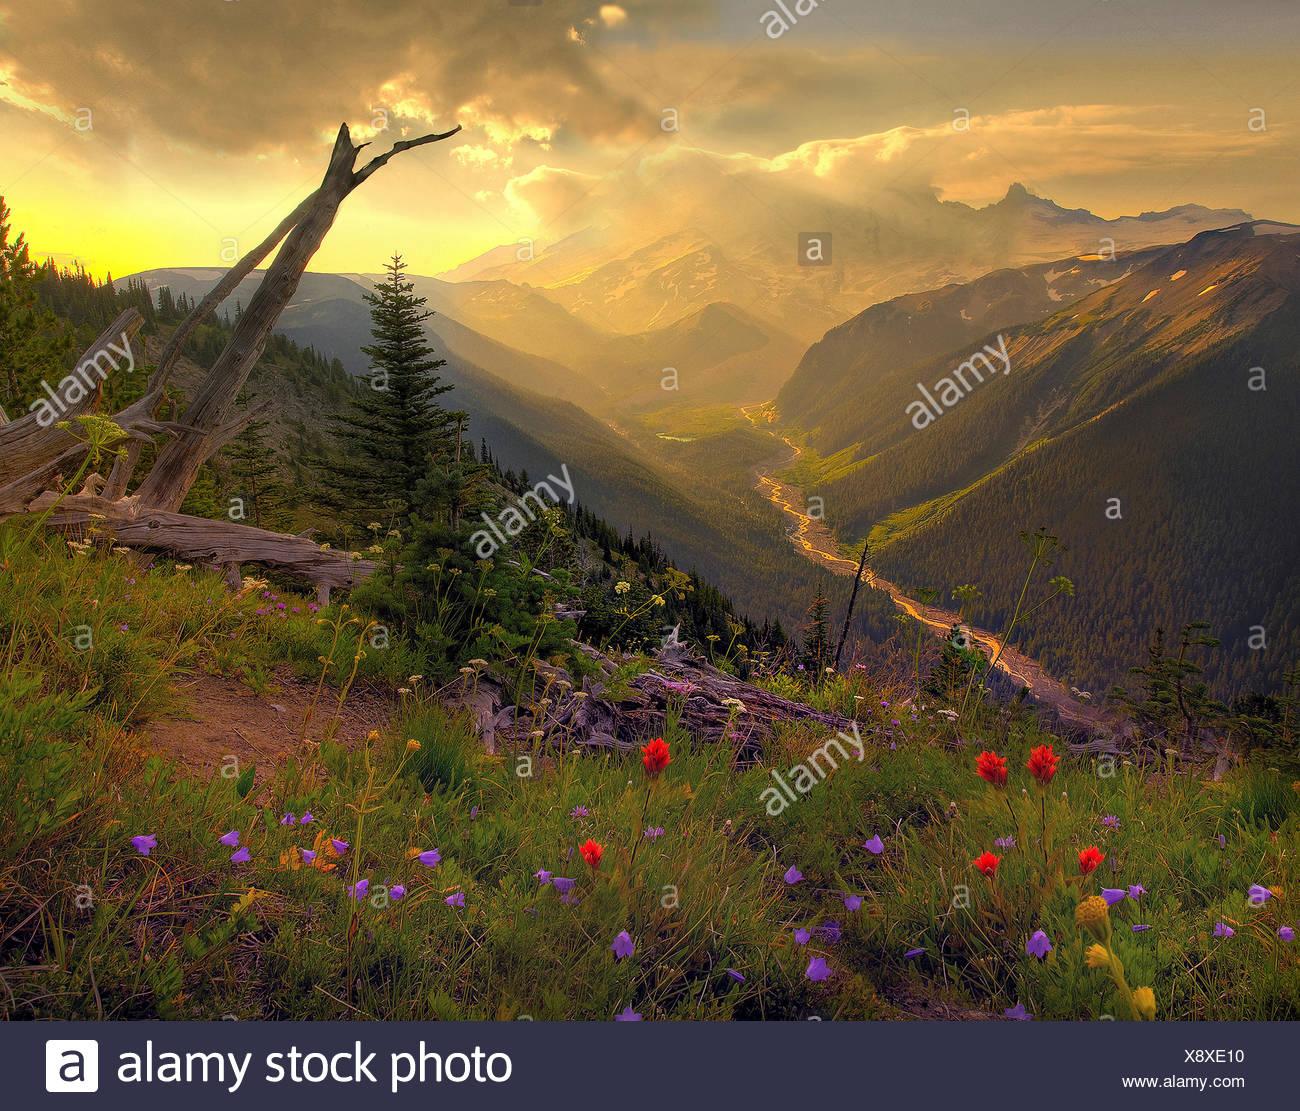 USA, United States, America, Pacific Northwest, Washington, Washington State, Mount Rainier, National Park, volcanic, landscape, - Stock Image